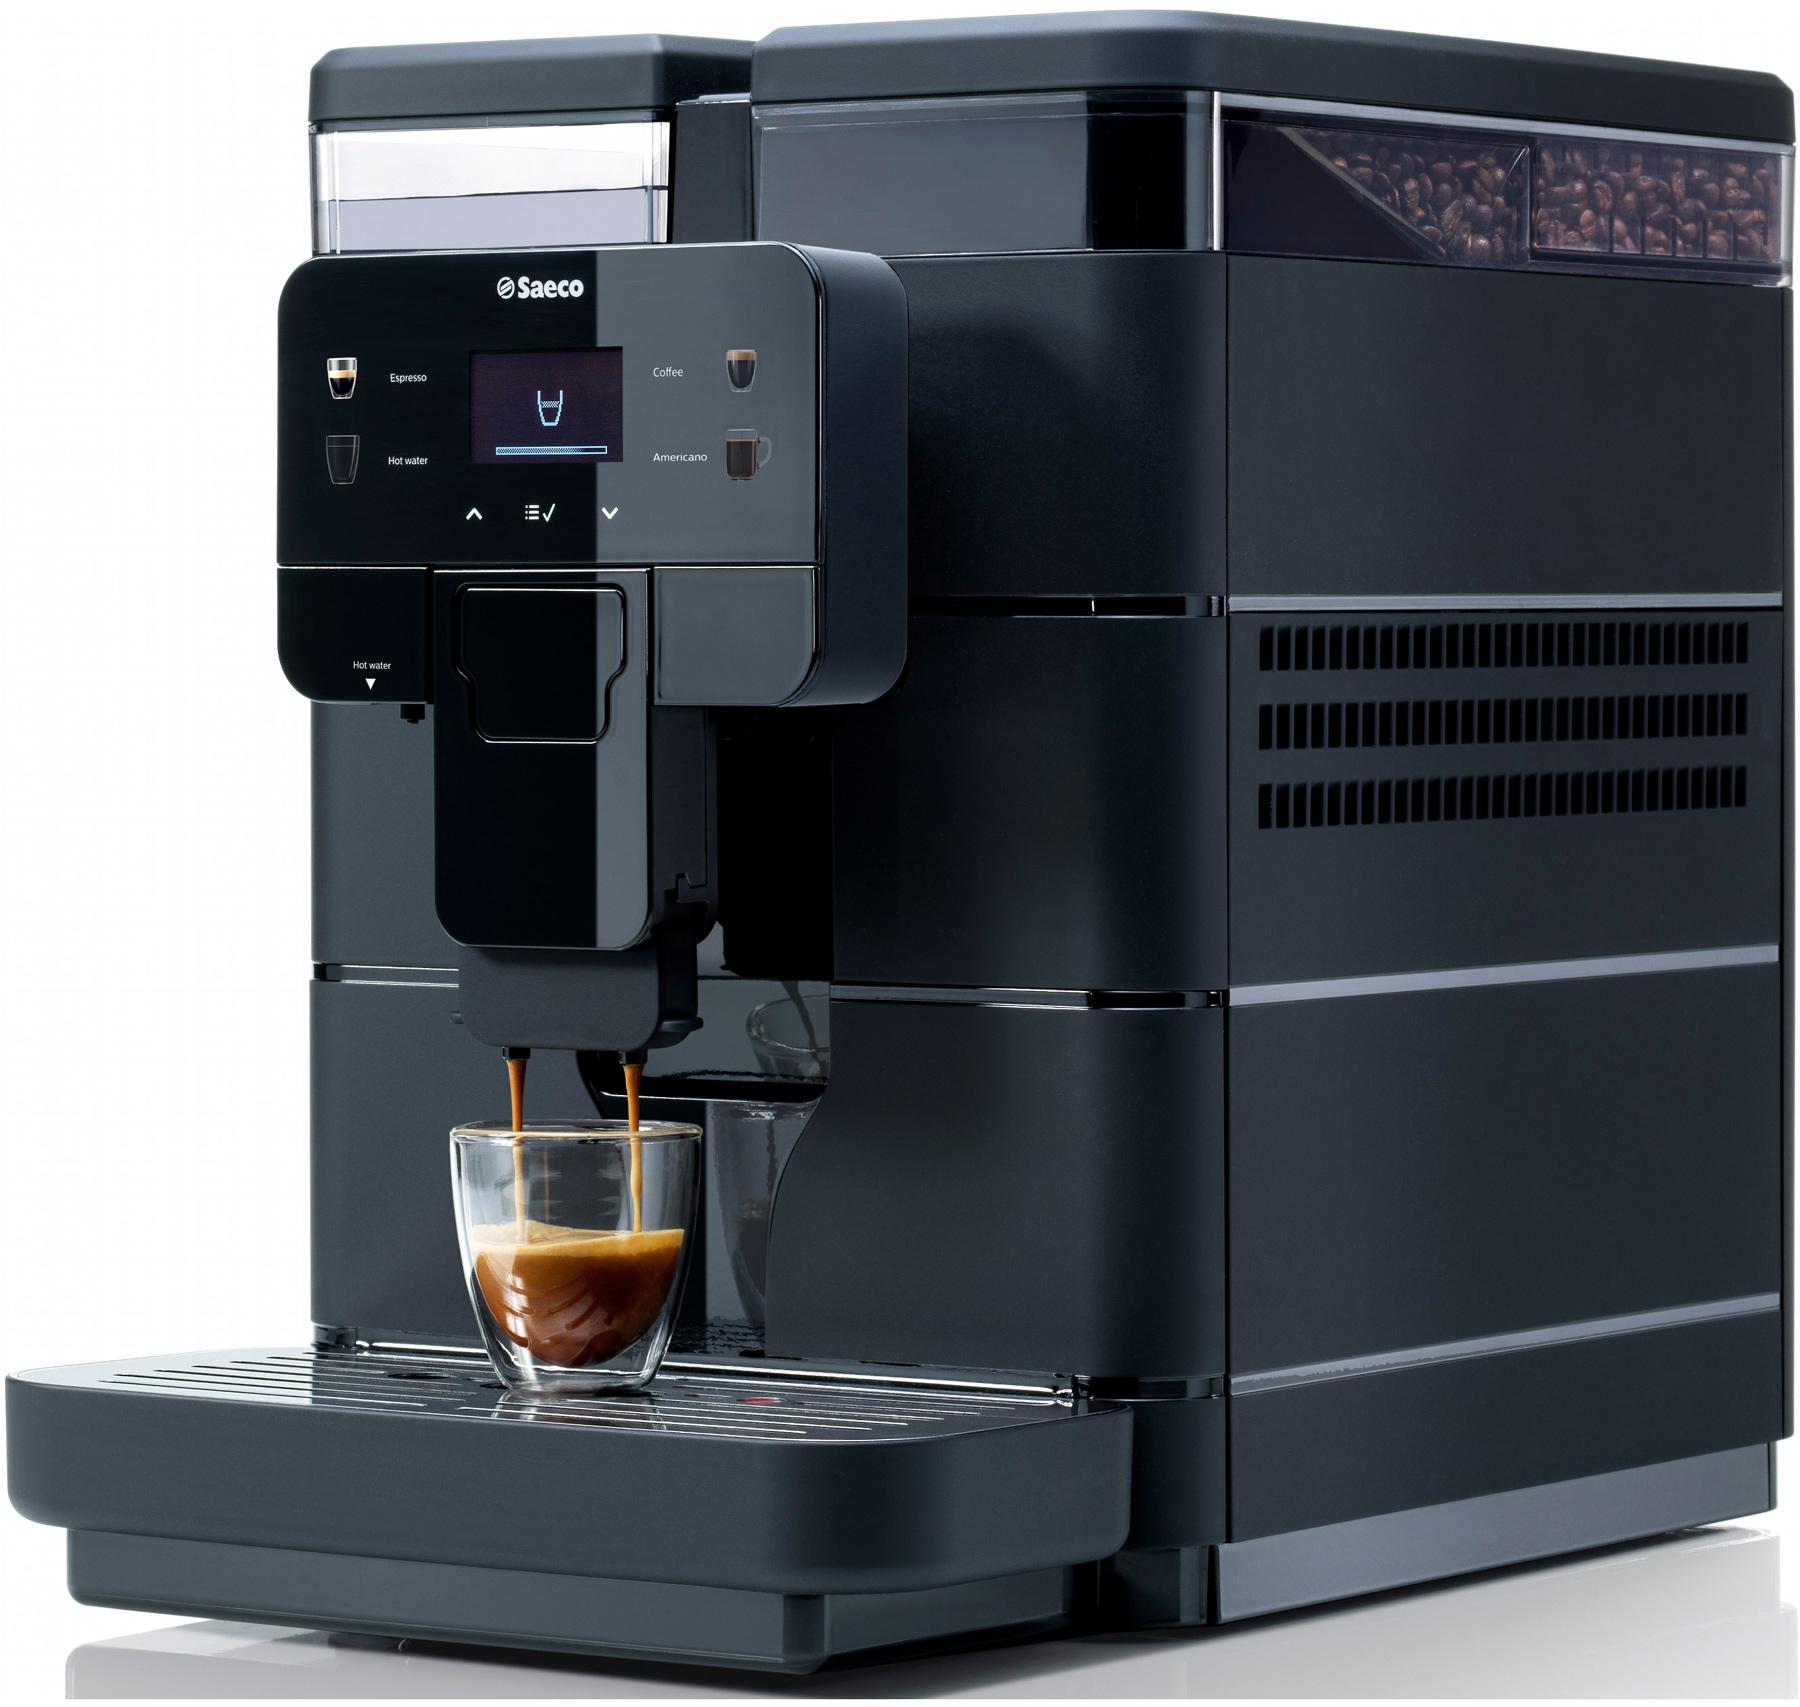 Кофемашина Saeco Royal Black, черн. SAECO - фото 5